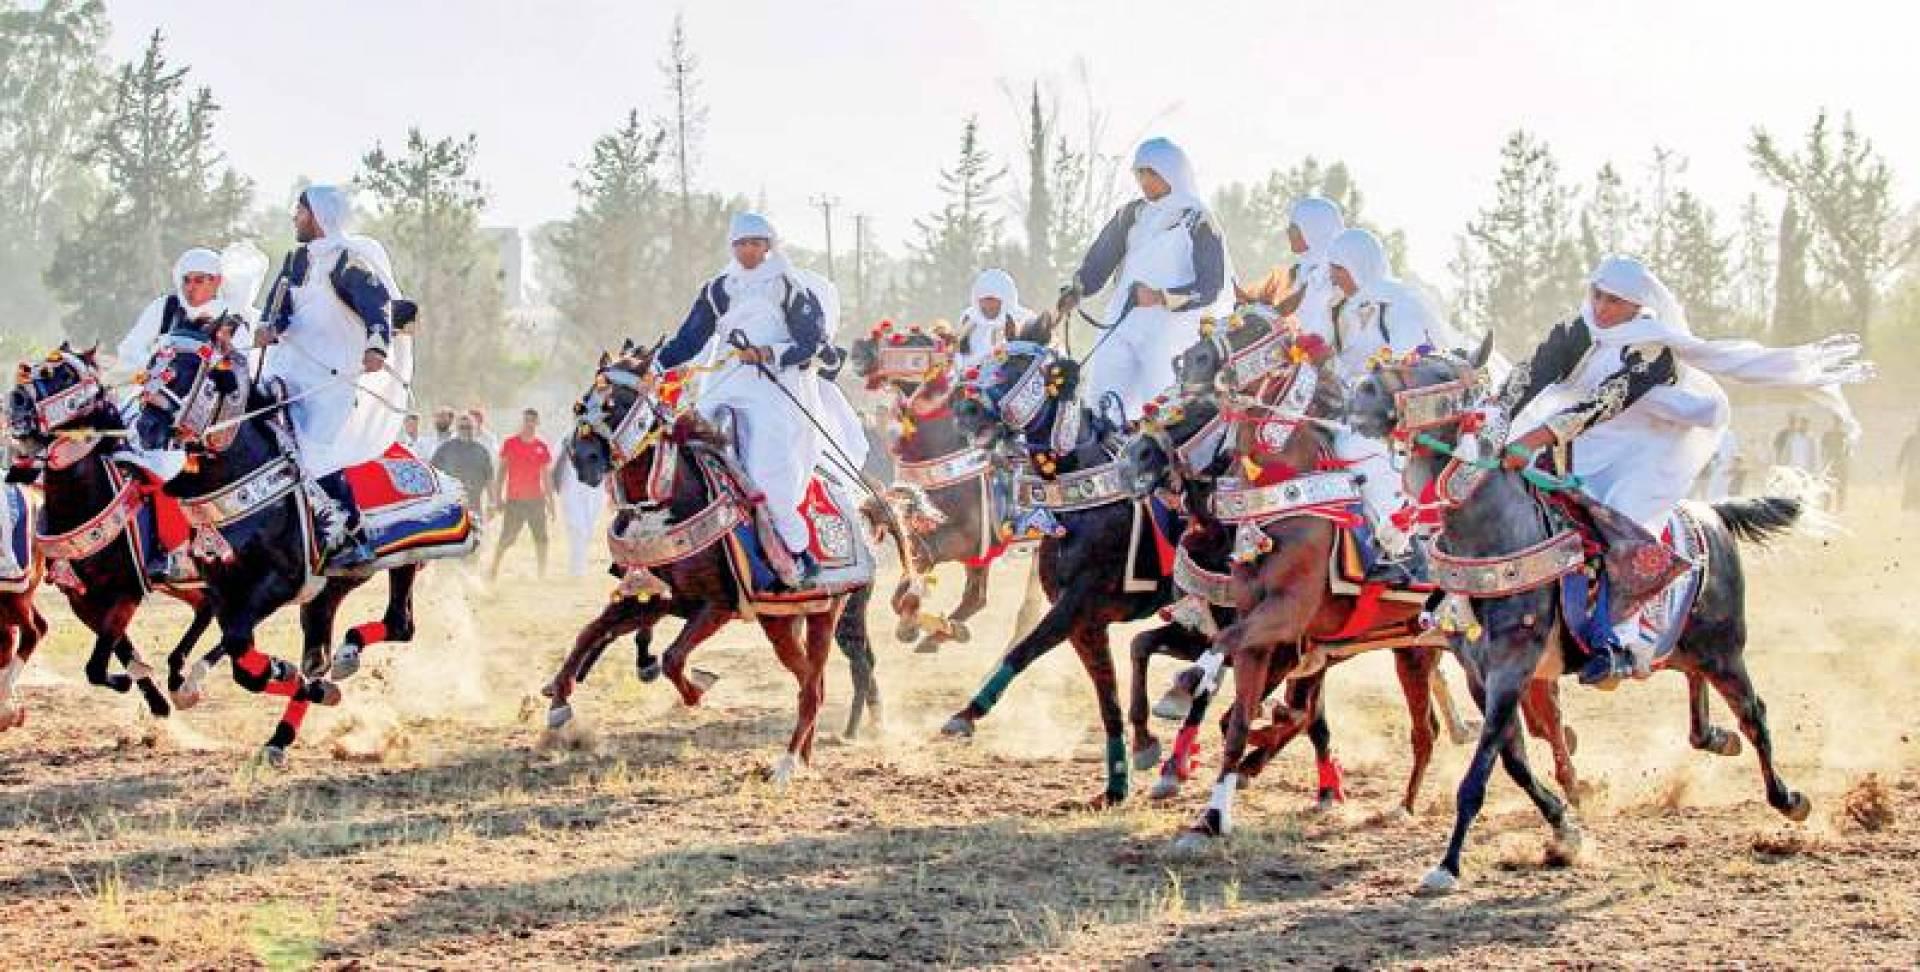 ليبيون بأزياء تقليدية على الخيول خلال مهرجان الفروسية الشعبي قرب طرابلس أمس (أ ف ب)